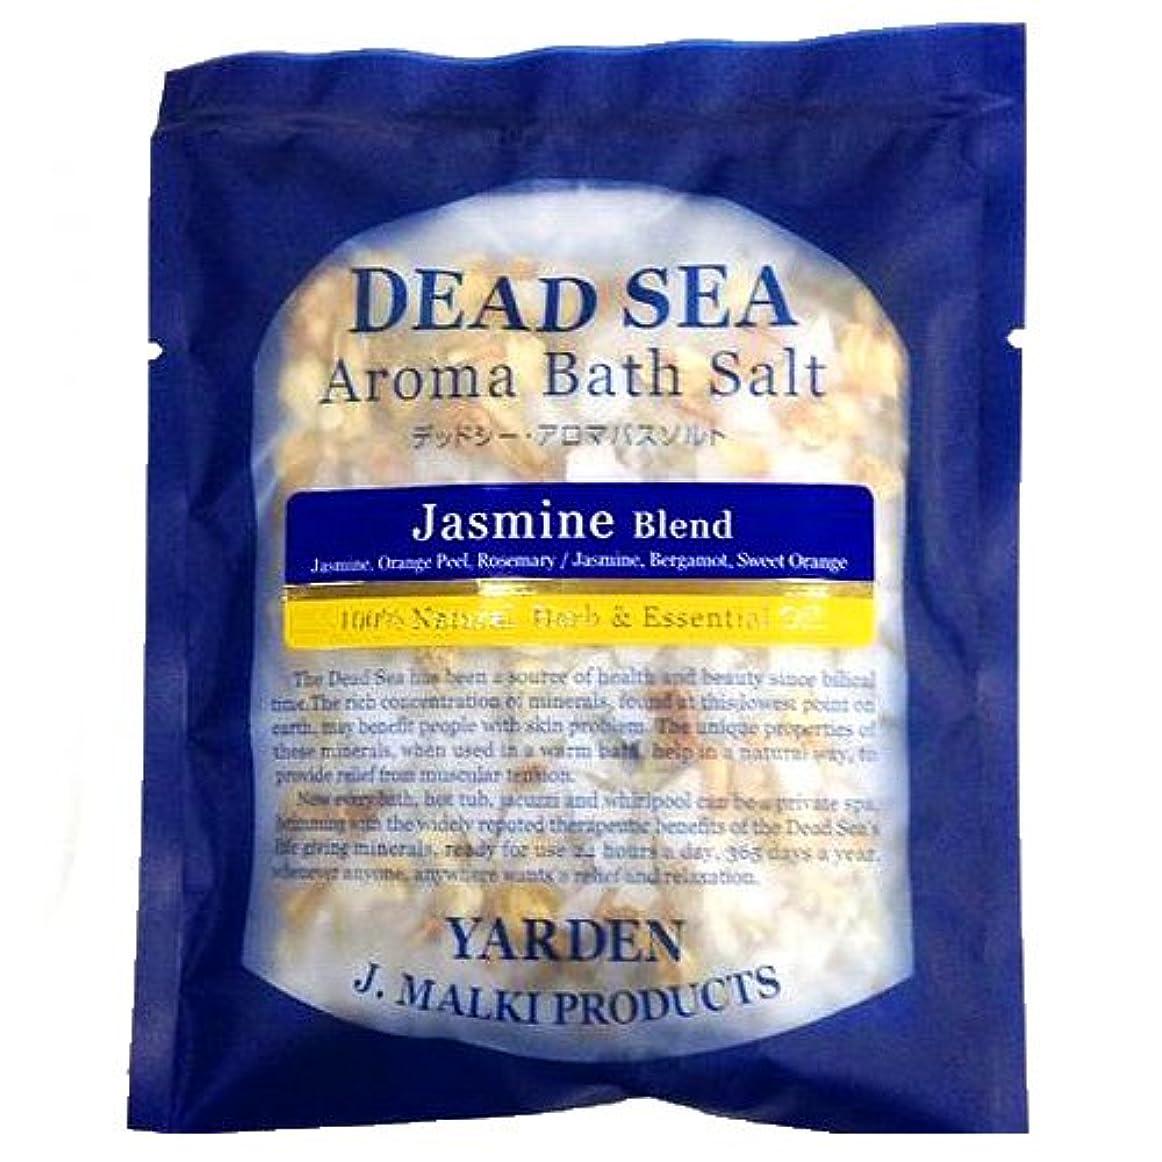 めまい整然とした間違いなくデッドシー?アロマバスソルト/ジャスミンブレンド 80g 【DEAD SEA AROMA BATH SALT】死海の塩+精油+ハーブ/入浴剤(入浴用化粧品)【正規販売店】